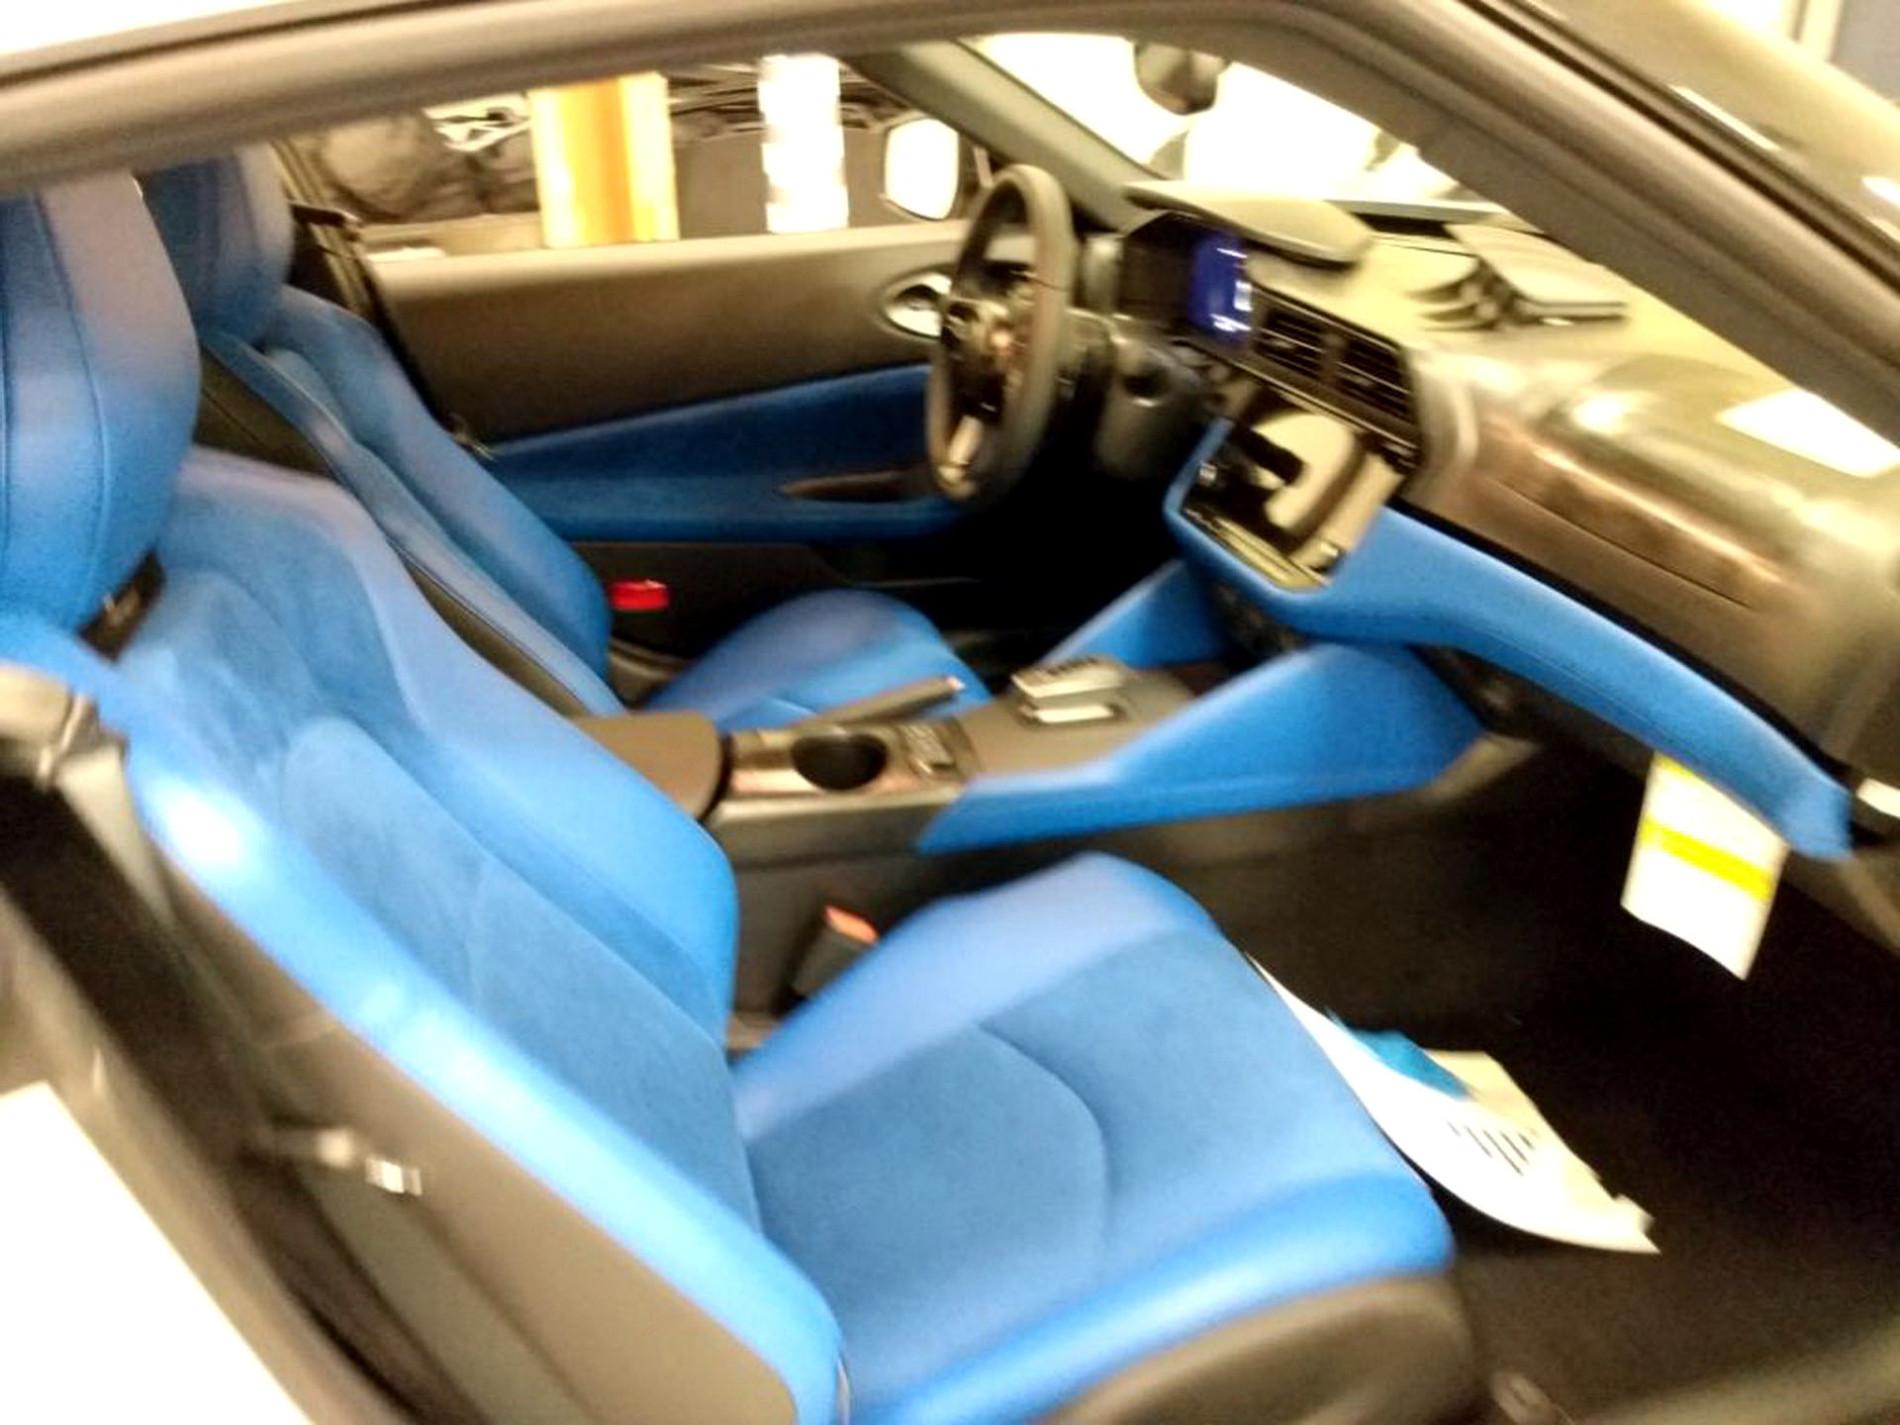 Nissan 400Z - Poze noi - Nissan 400Z - Poze noi